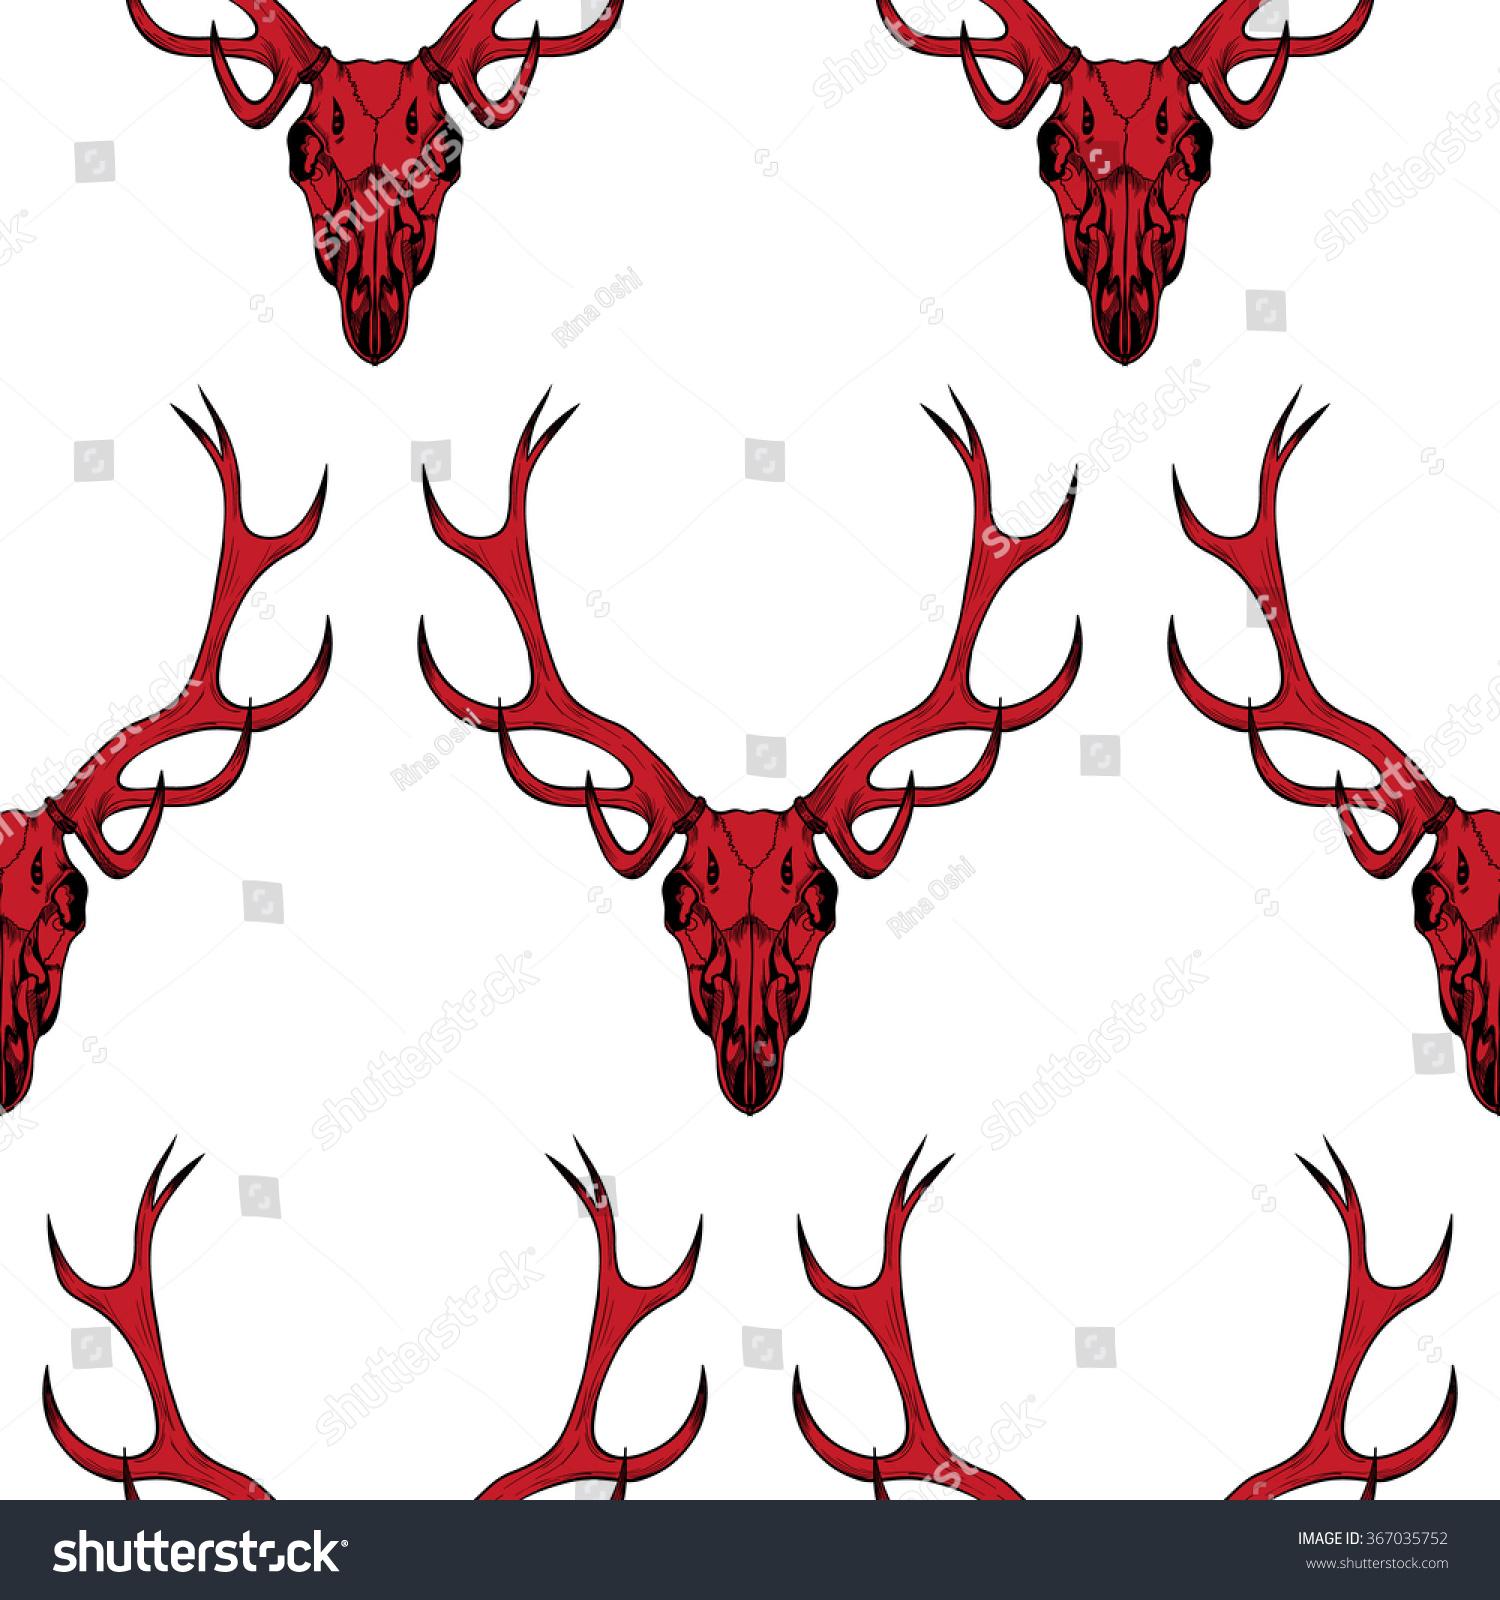 Red Deer Skull On White Background Stock Vector 367035752 - Shutterstock